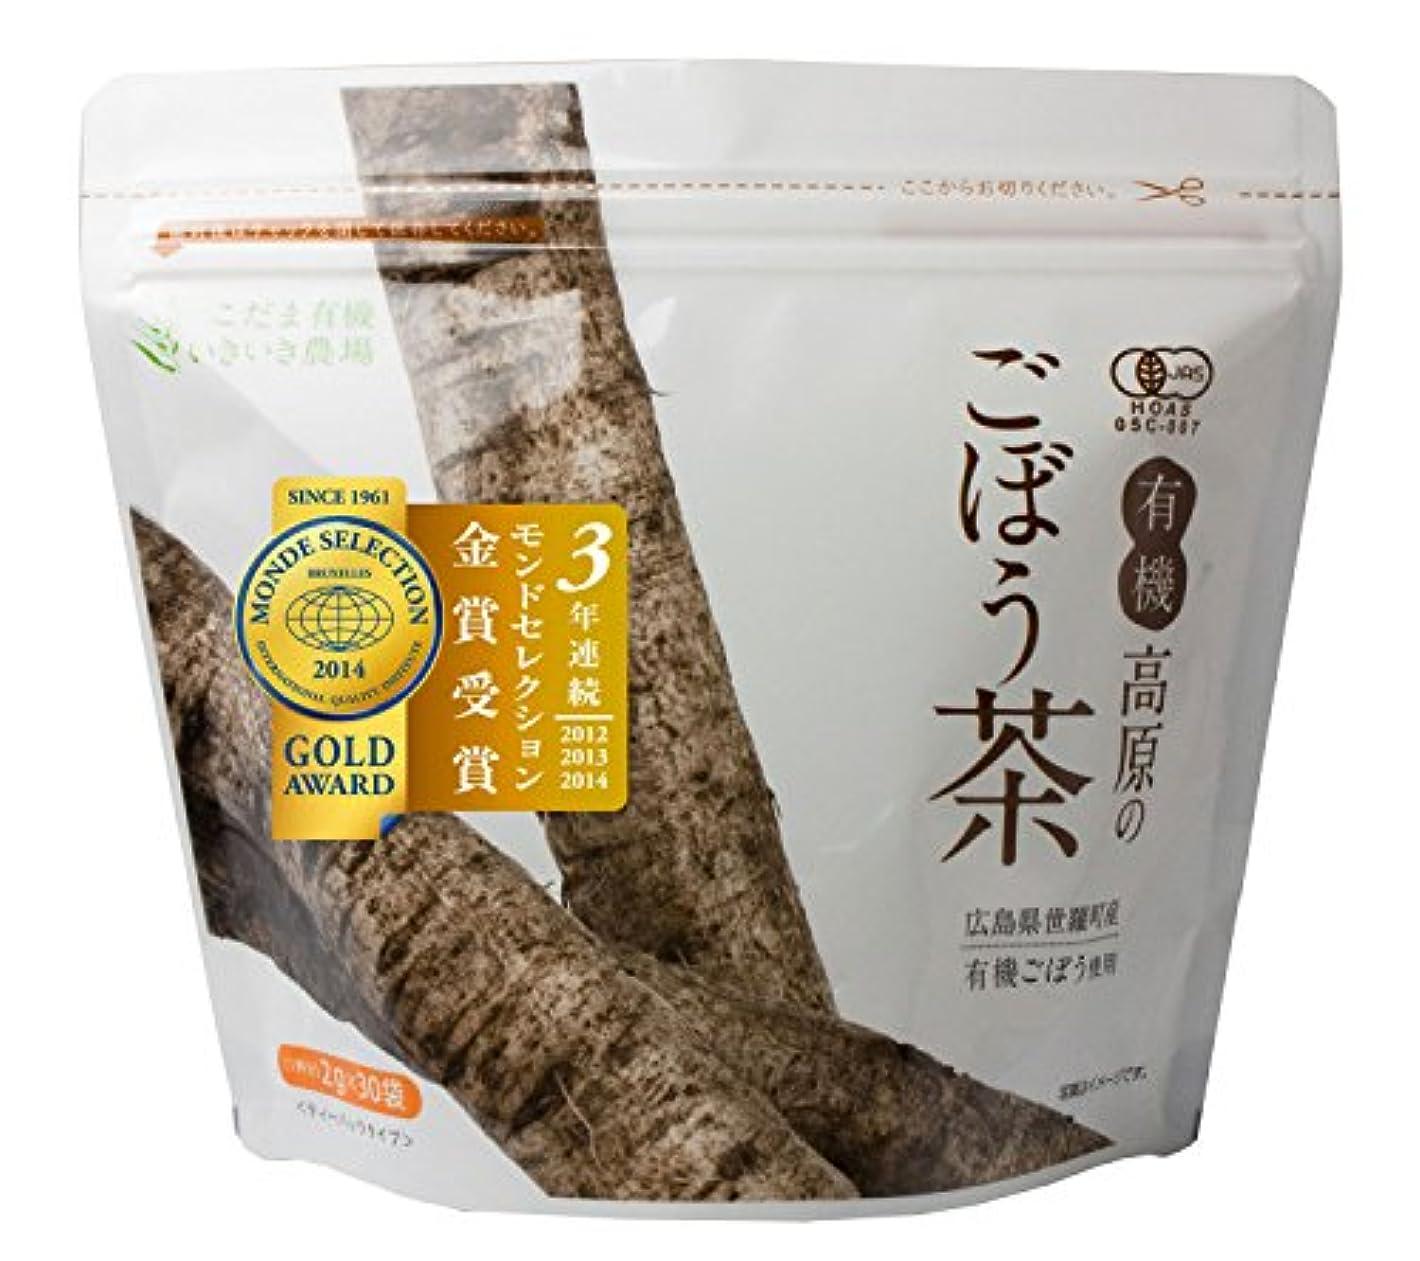 オーストラリア排除する流行しているこだま食品 有機高原のごぼう茶 2g×30袋 311037001